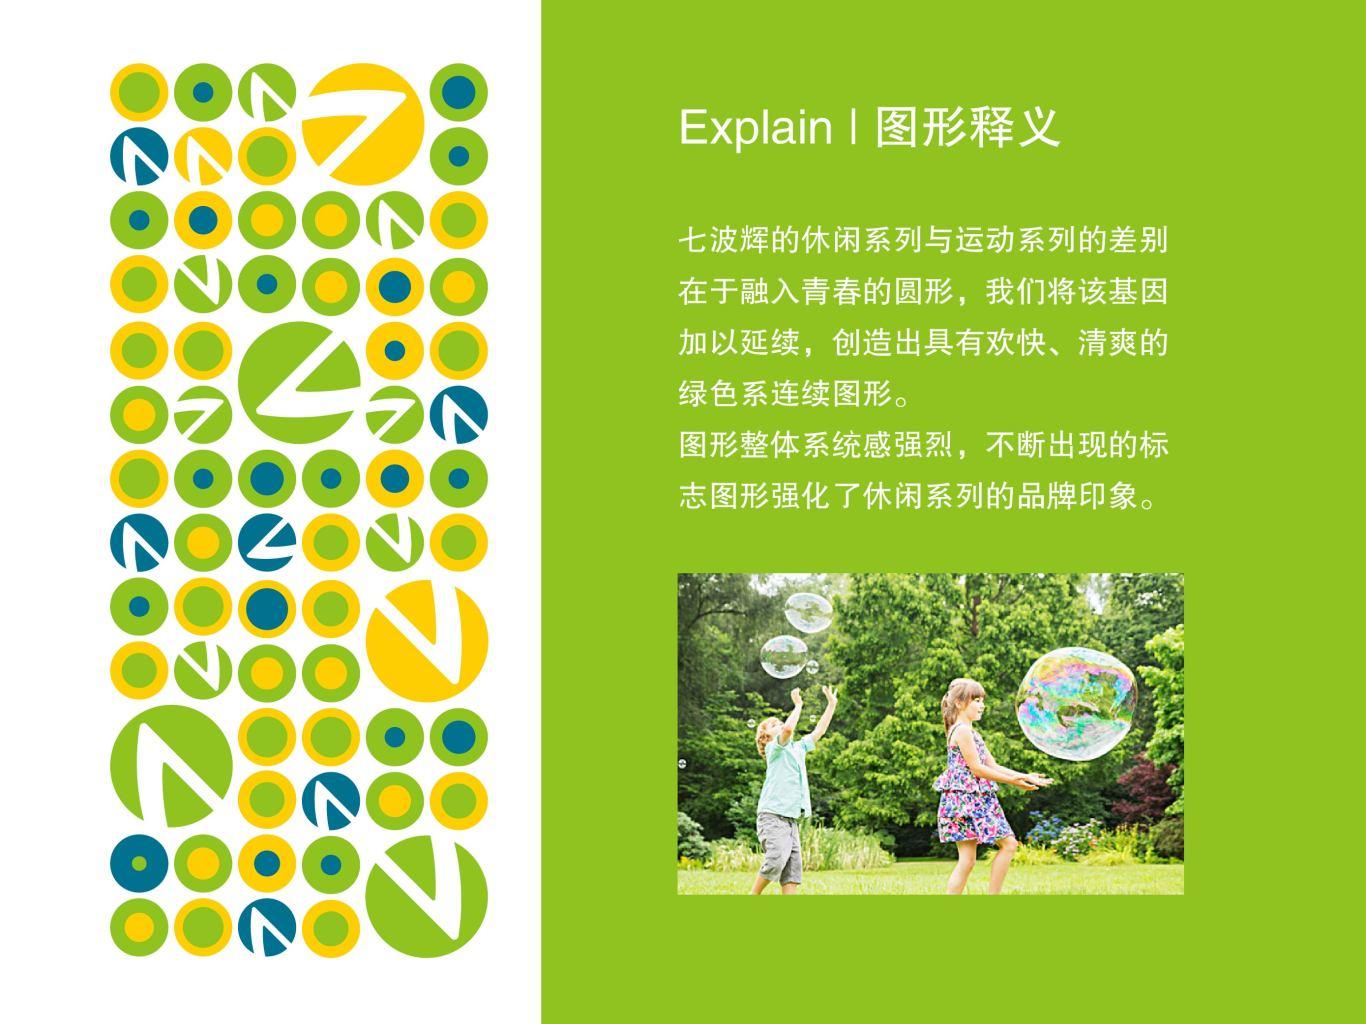 七波辉(7-PE)青少年休闲服饰品牌设计方案图5